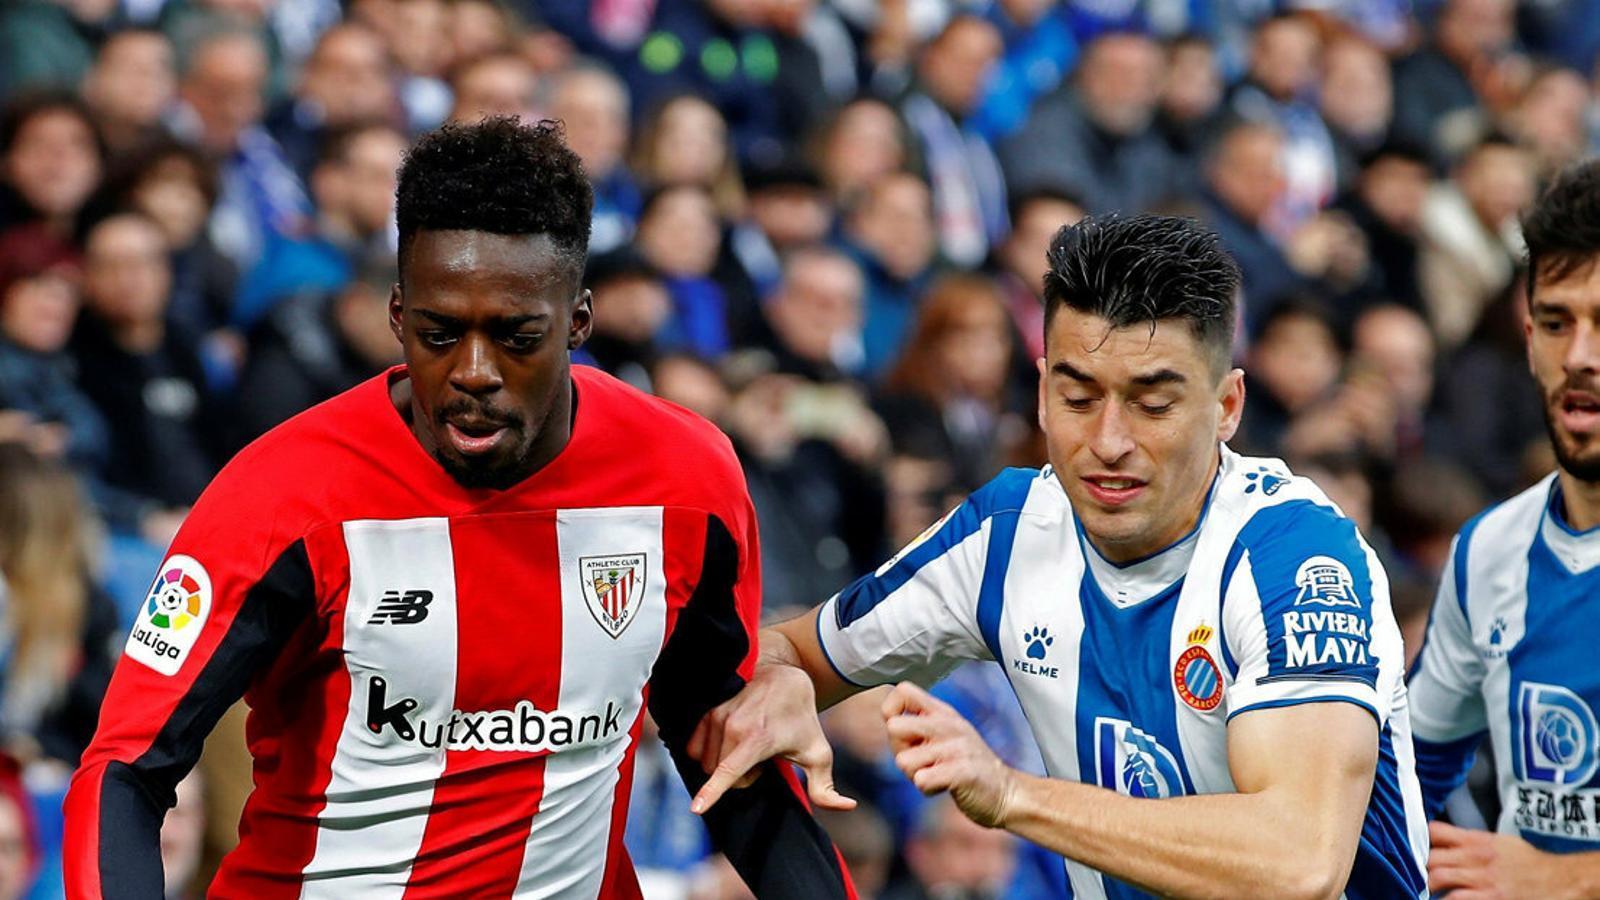 El davanter de l'Athletic Club Iñaki Williams en una acció en el partit d'ahir abans de rebre insults racistes a l'estadi de l'Espanyol.